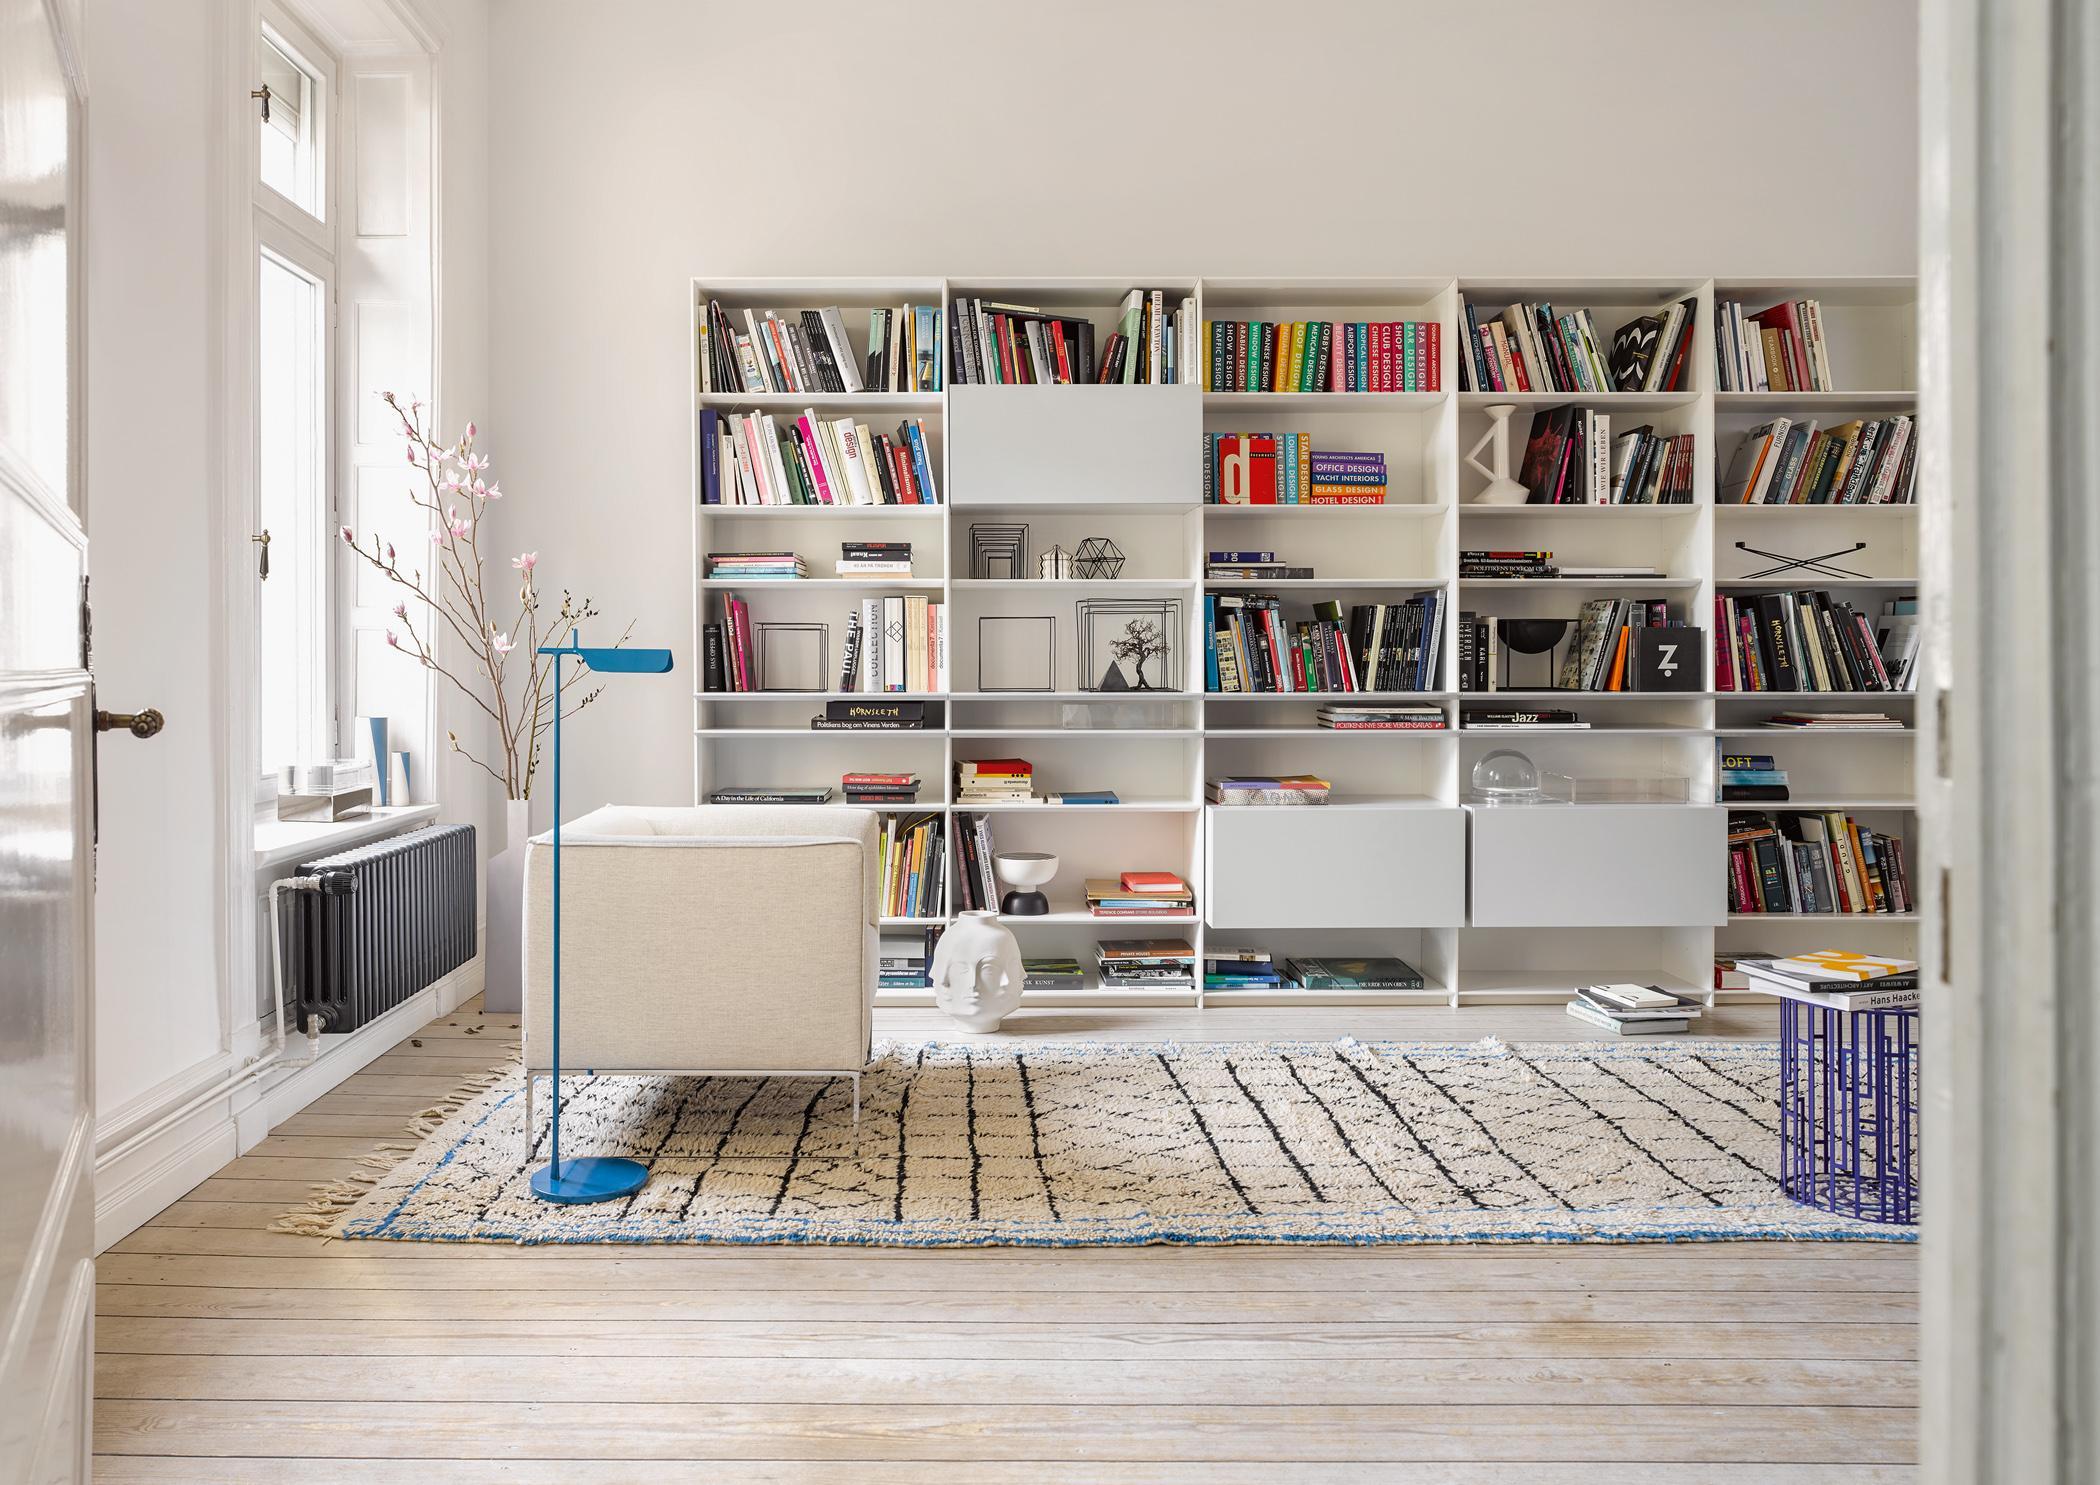 Wohnzimmergestaltung In Weiss Wandregal Teppich Wohnzimmer Stehlampe Sofa CInterlubke